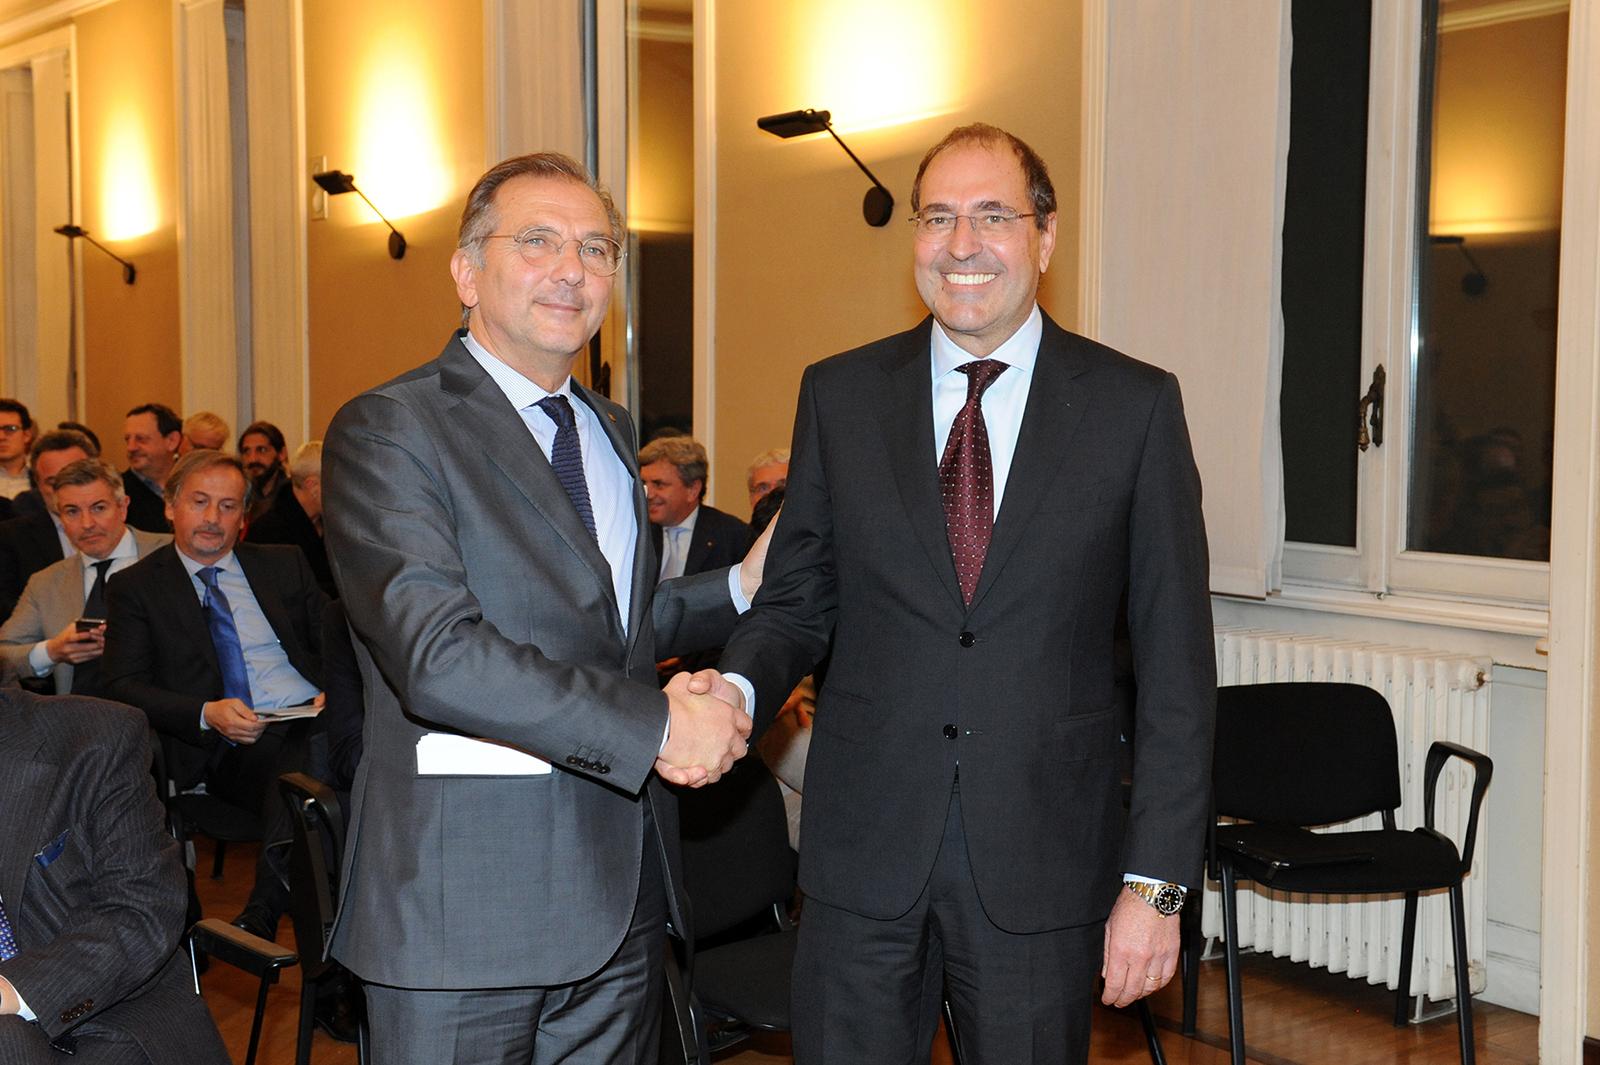 Imprese Edili Varese E Provincia massimo colombo è il nuovo presidente di ance varese | ance